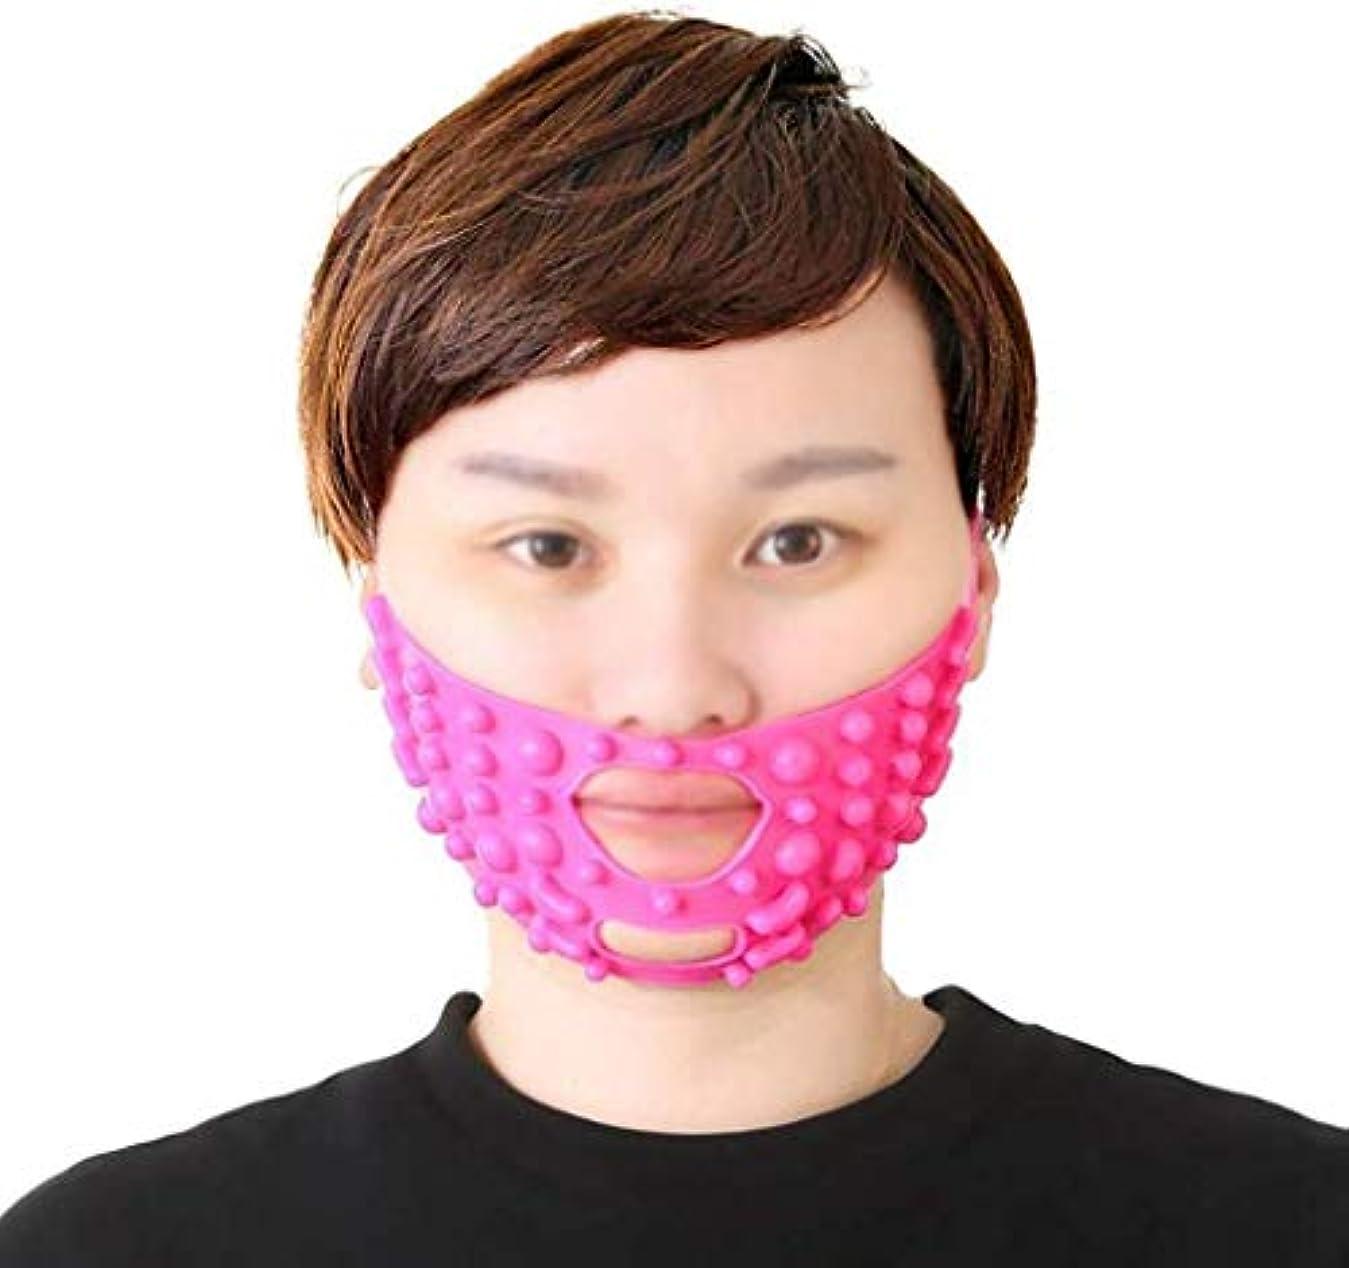 警報姿を消す腫瘍美容と実用的なフェイスリフトマスク、チンストラップシリコーンVフェイスマスクフェイスマスク強力な包帯V顔アーティファクト小さなV顔包帯顔と首リフトピンクシリコーン包帯